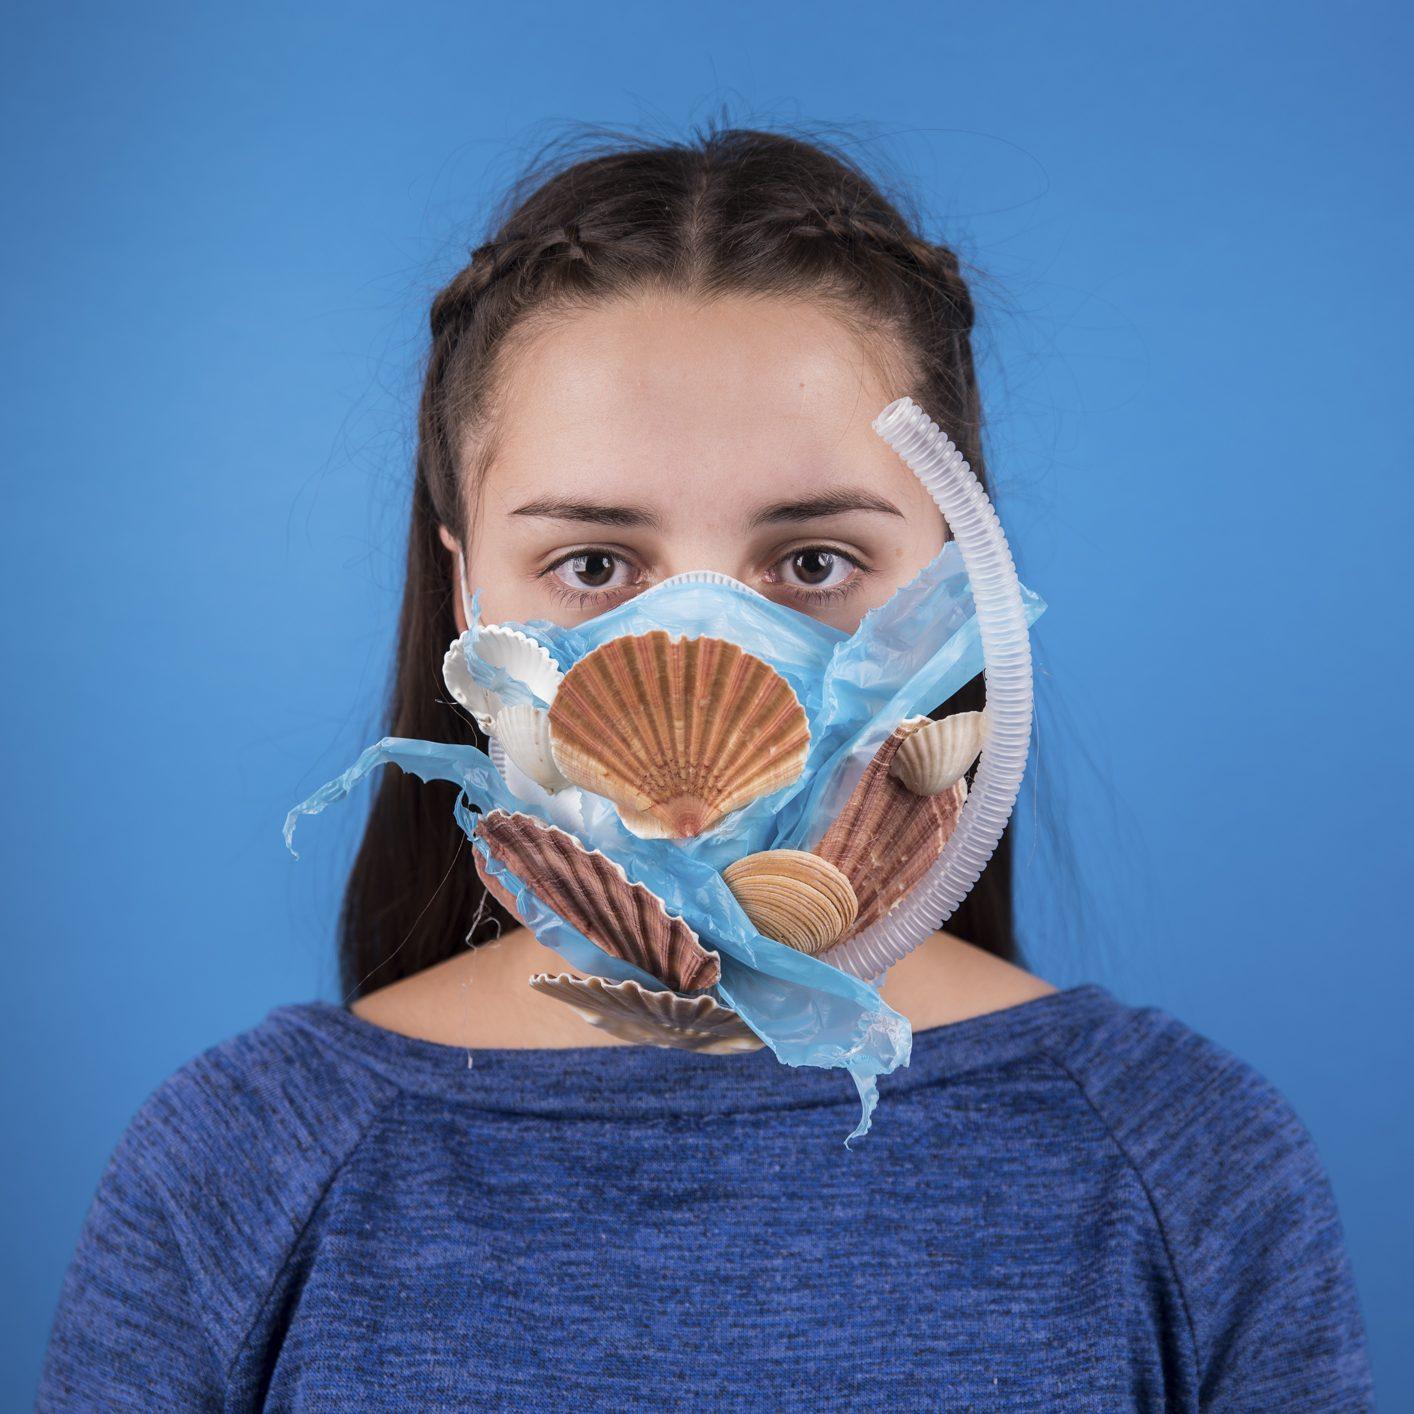 ©Art For Change 21, Maskbook, Zuzanna Distel, Vagues de plastique